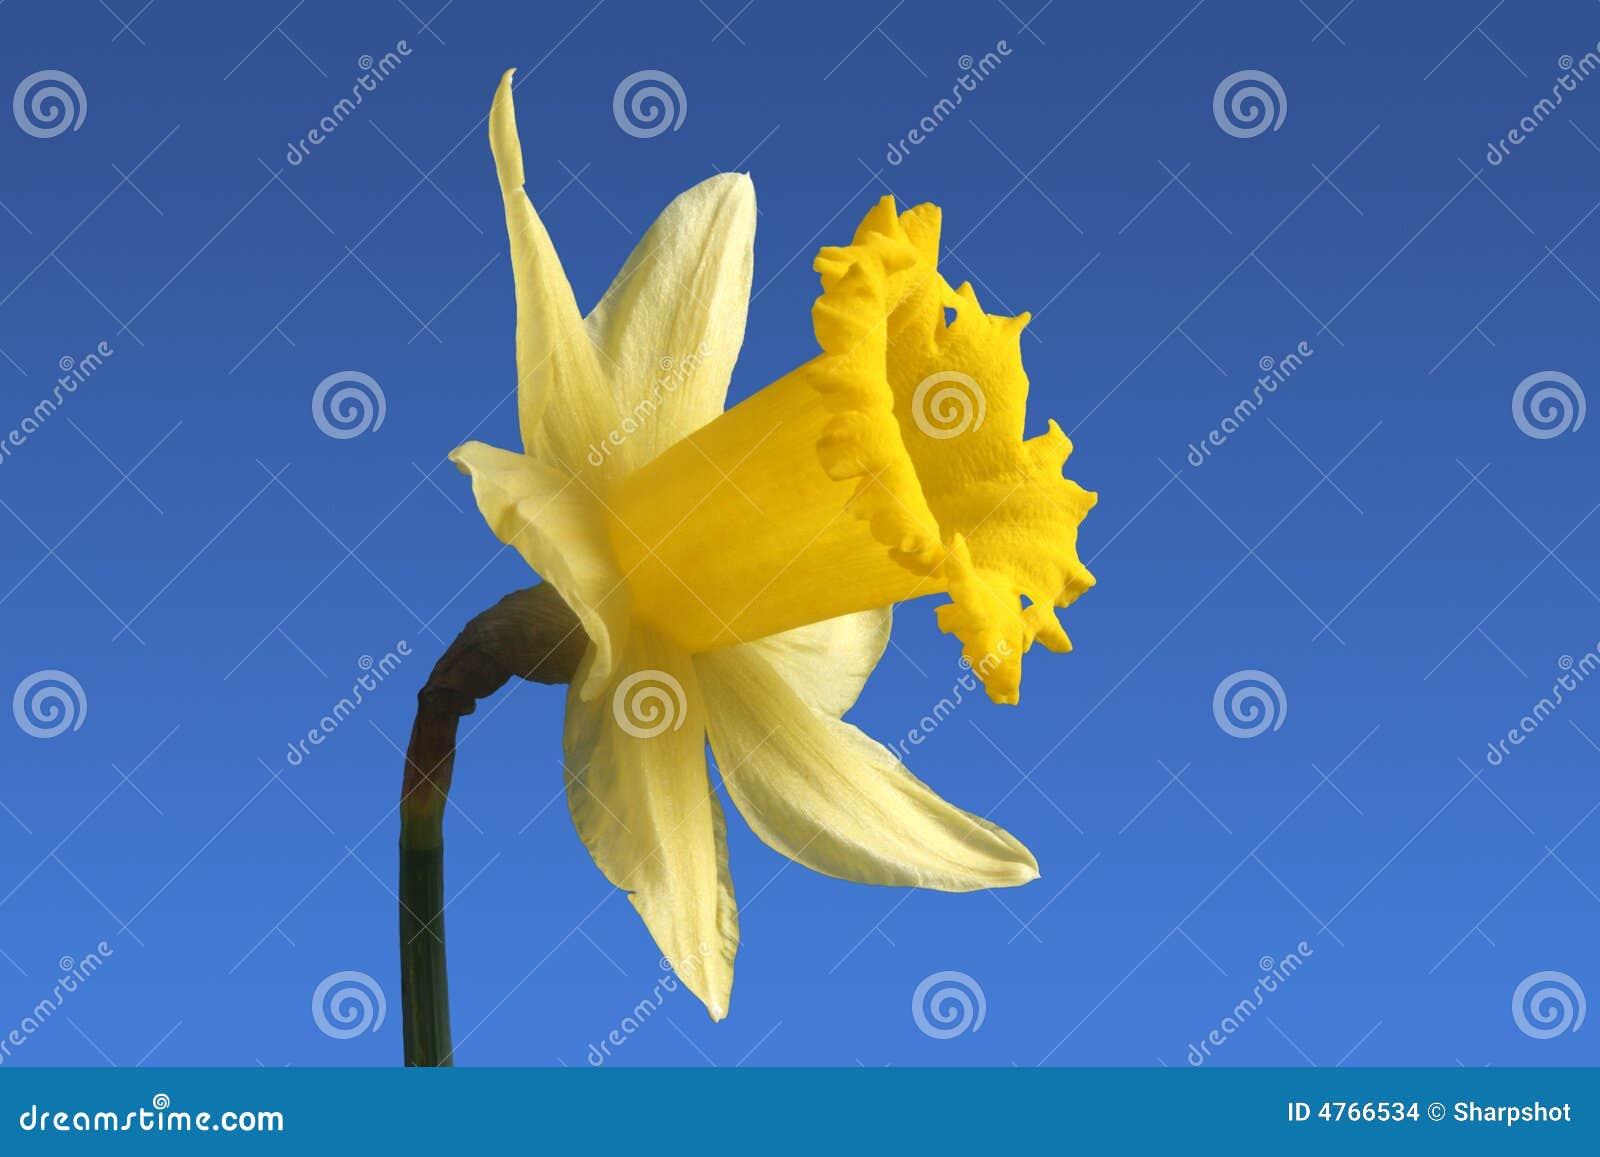 Fiori In Inglese.Fiore Inglese Del Daffodil Fotografia Stock Immagine Di Petali